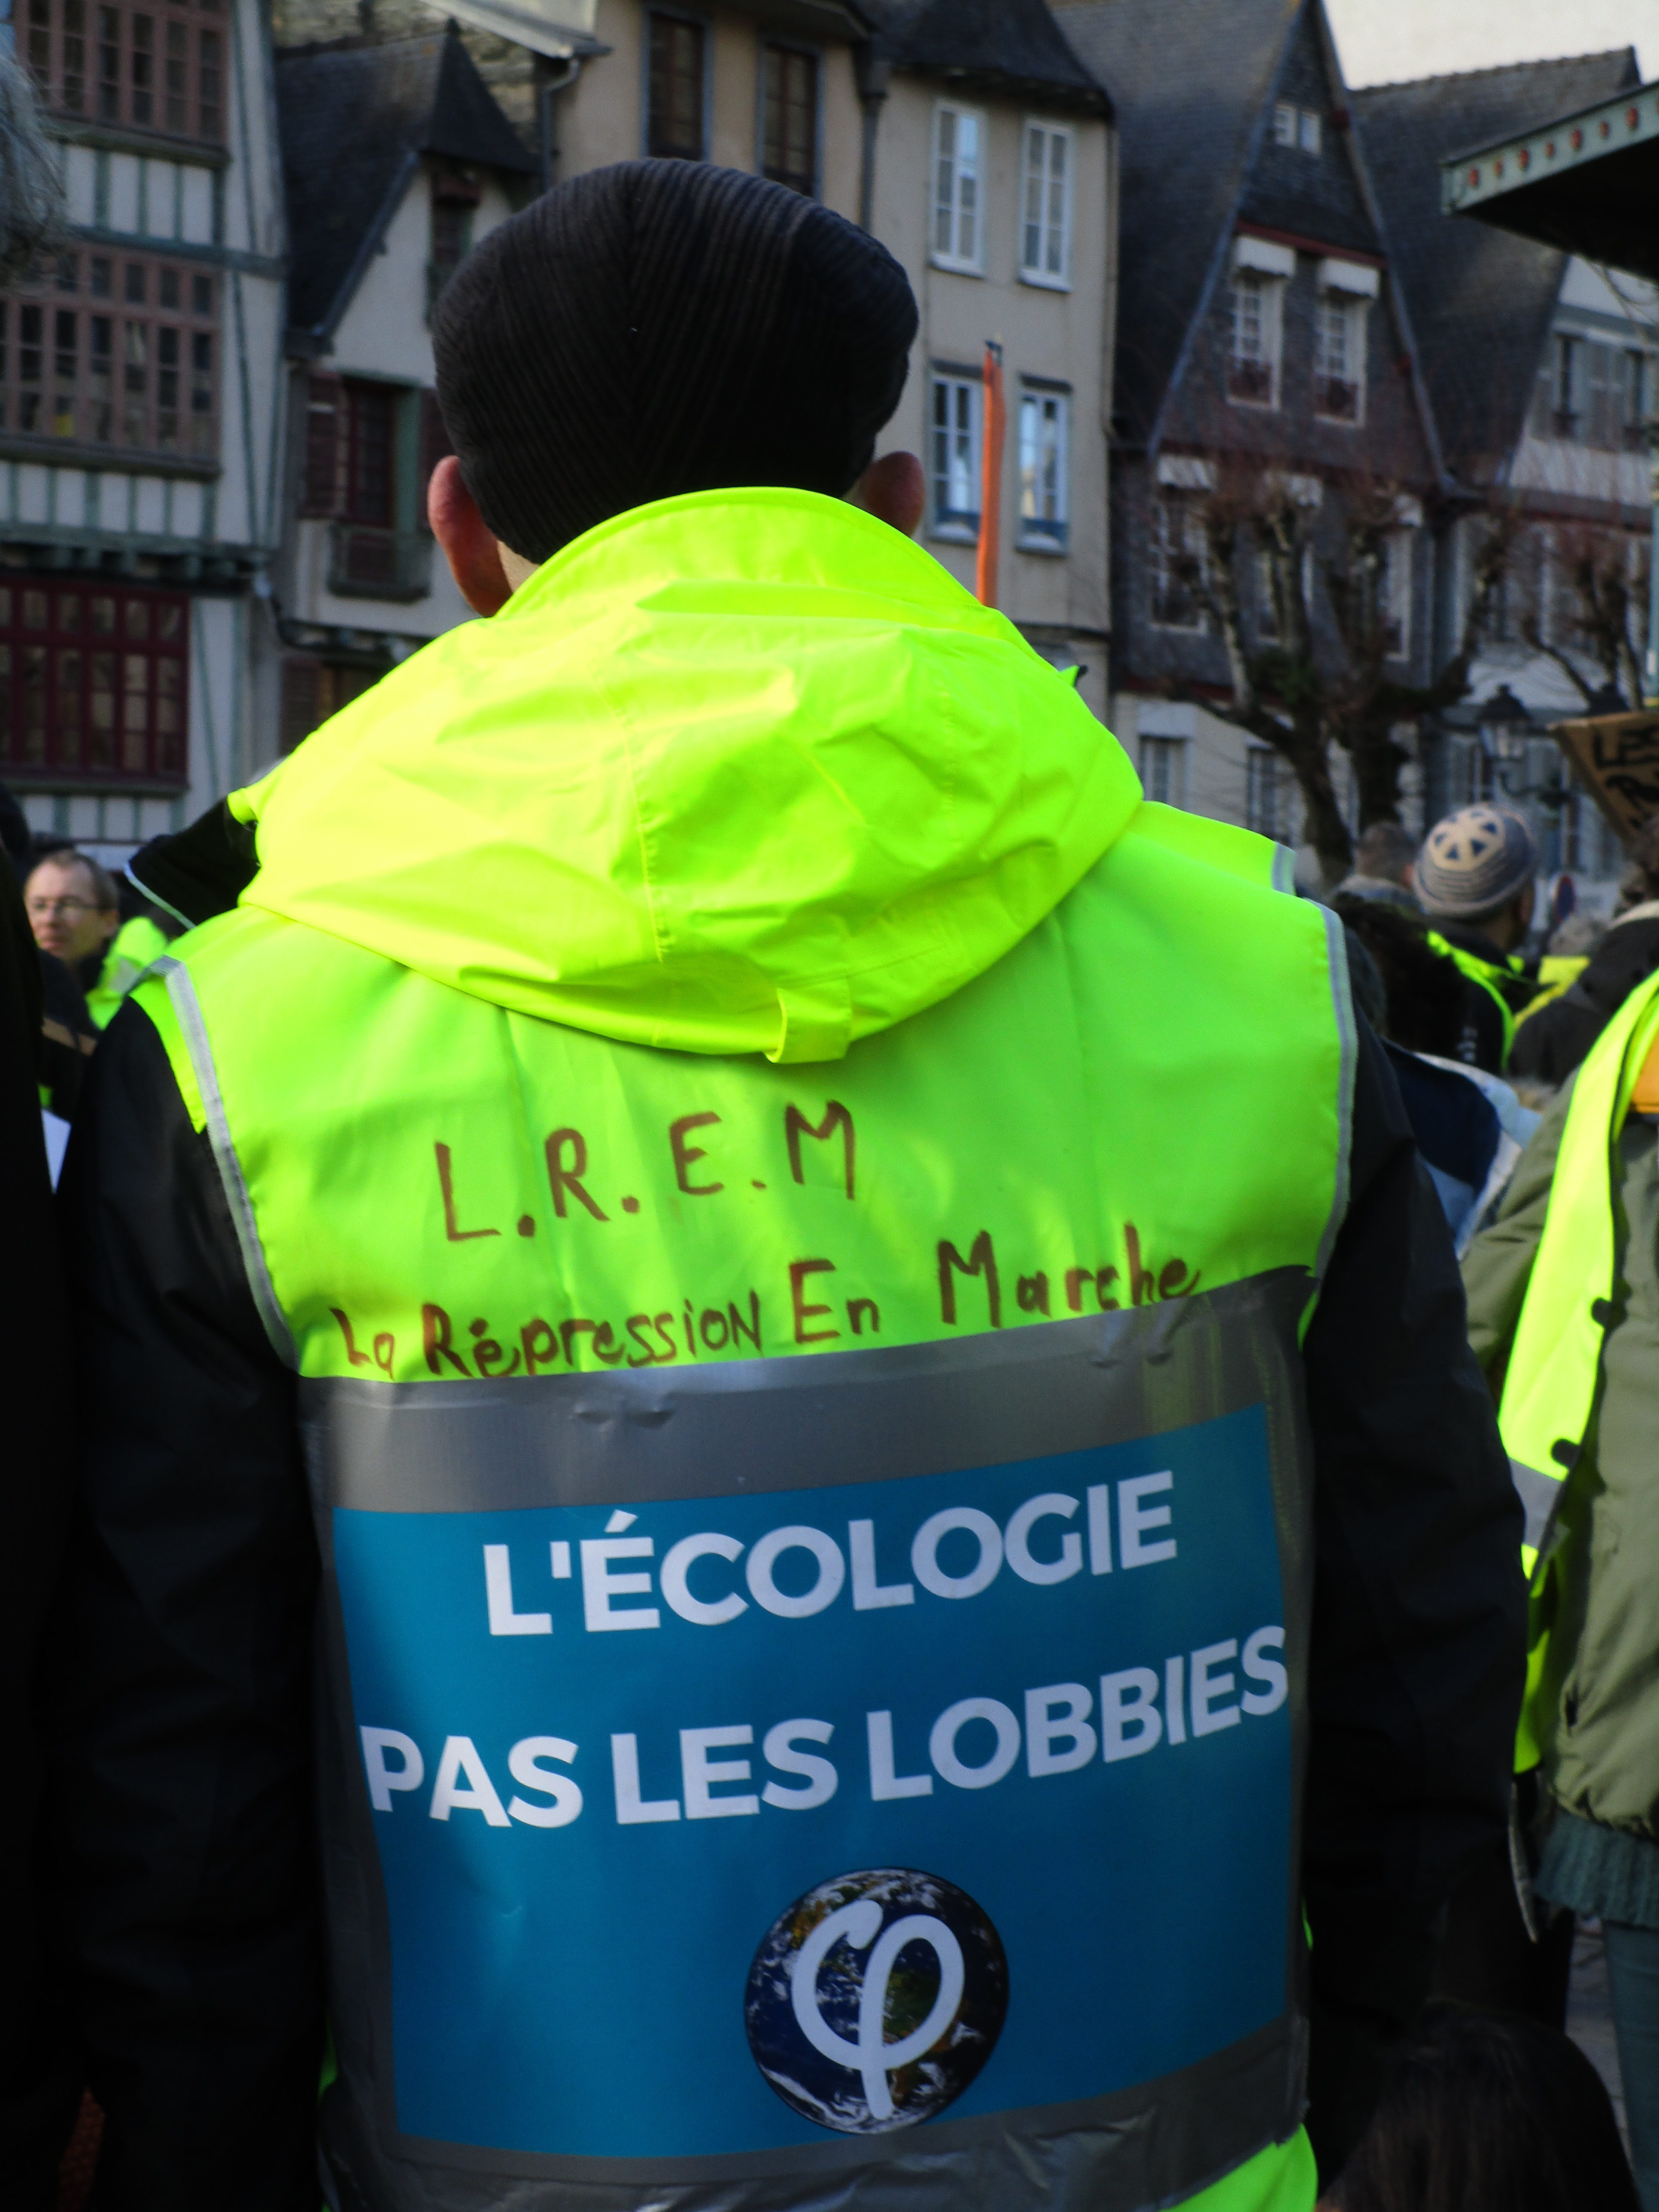 Un gilet jaune portant les couleurs de la France Insoumise lors de la manifestation régionale de l'acte XII, à Morlaix, le 2 février 2019 (photo: Alix Levain)